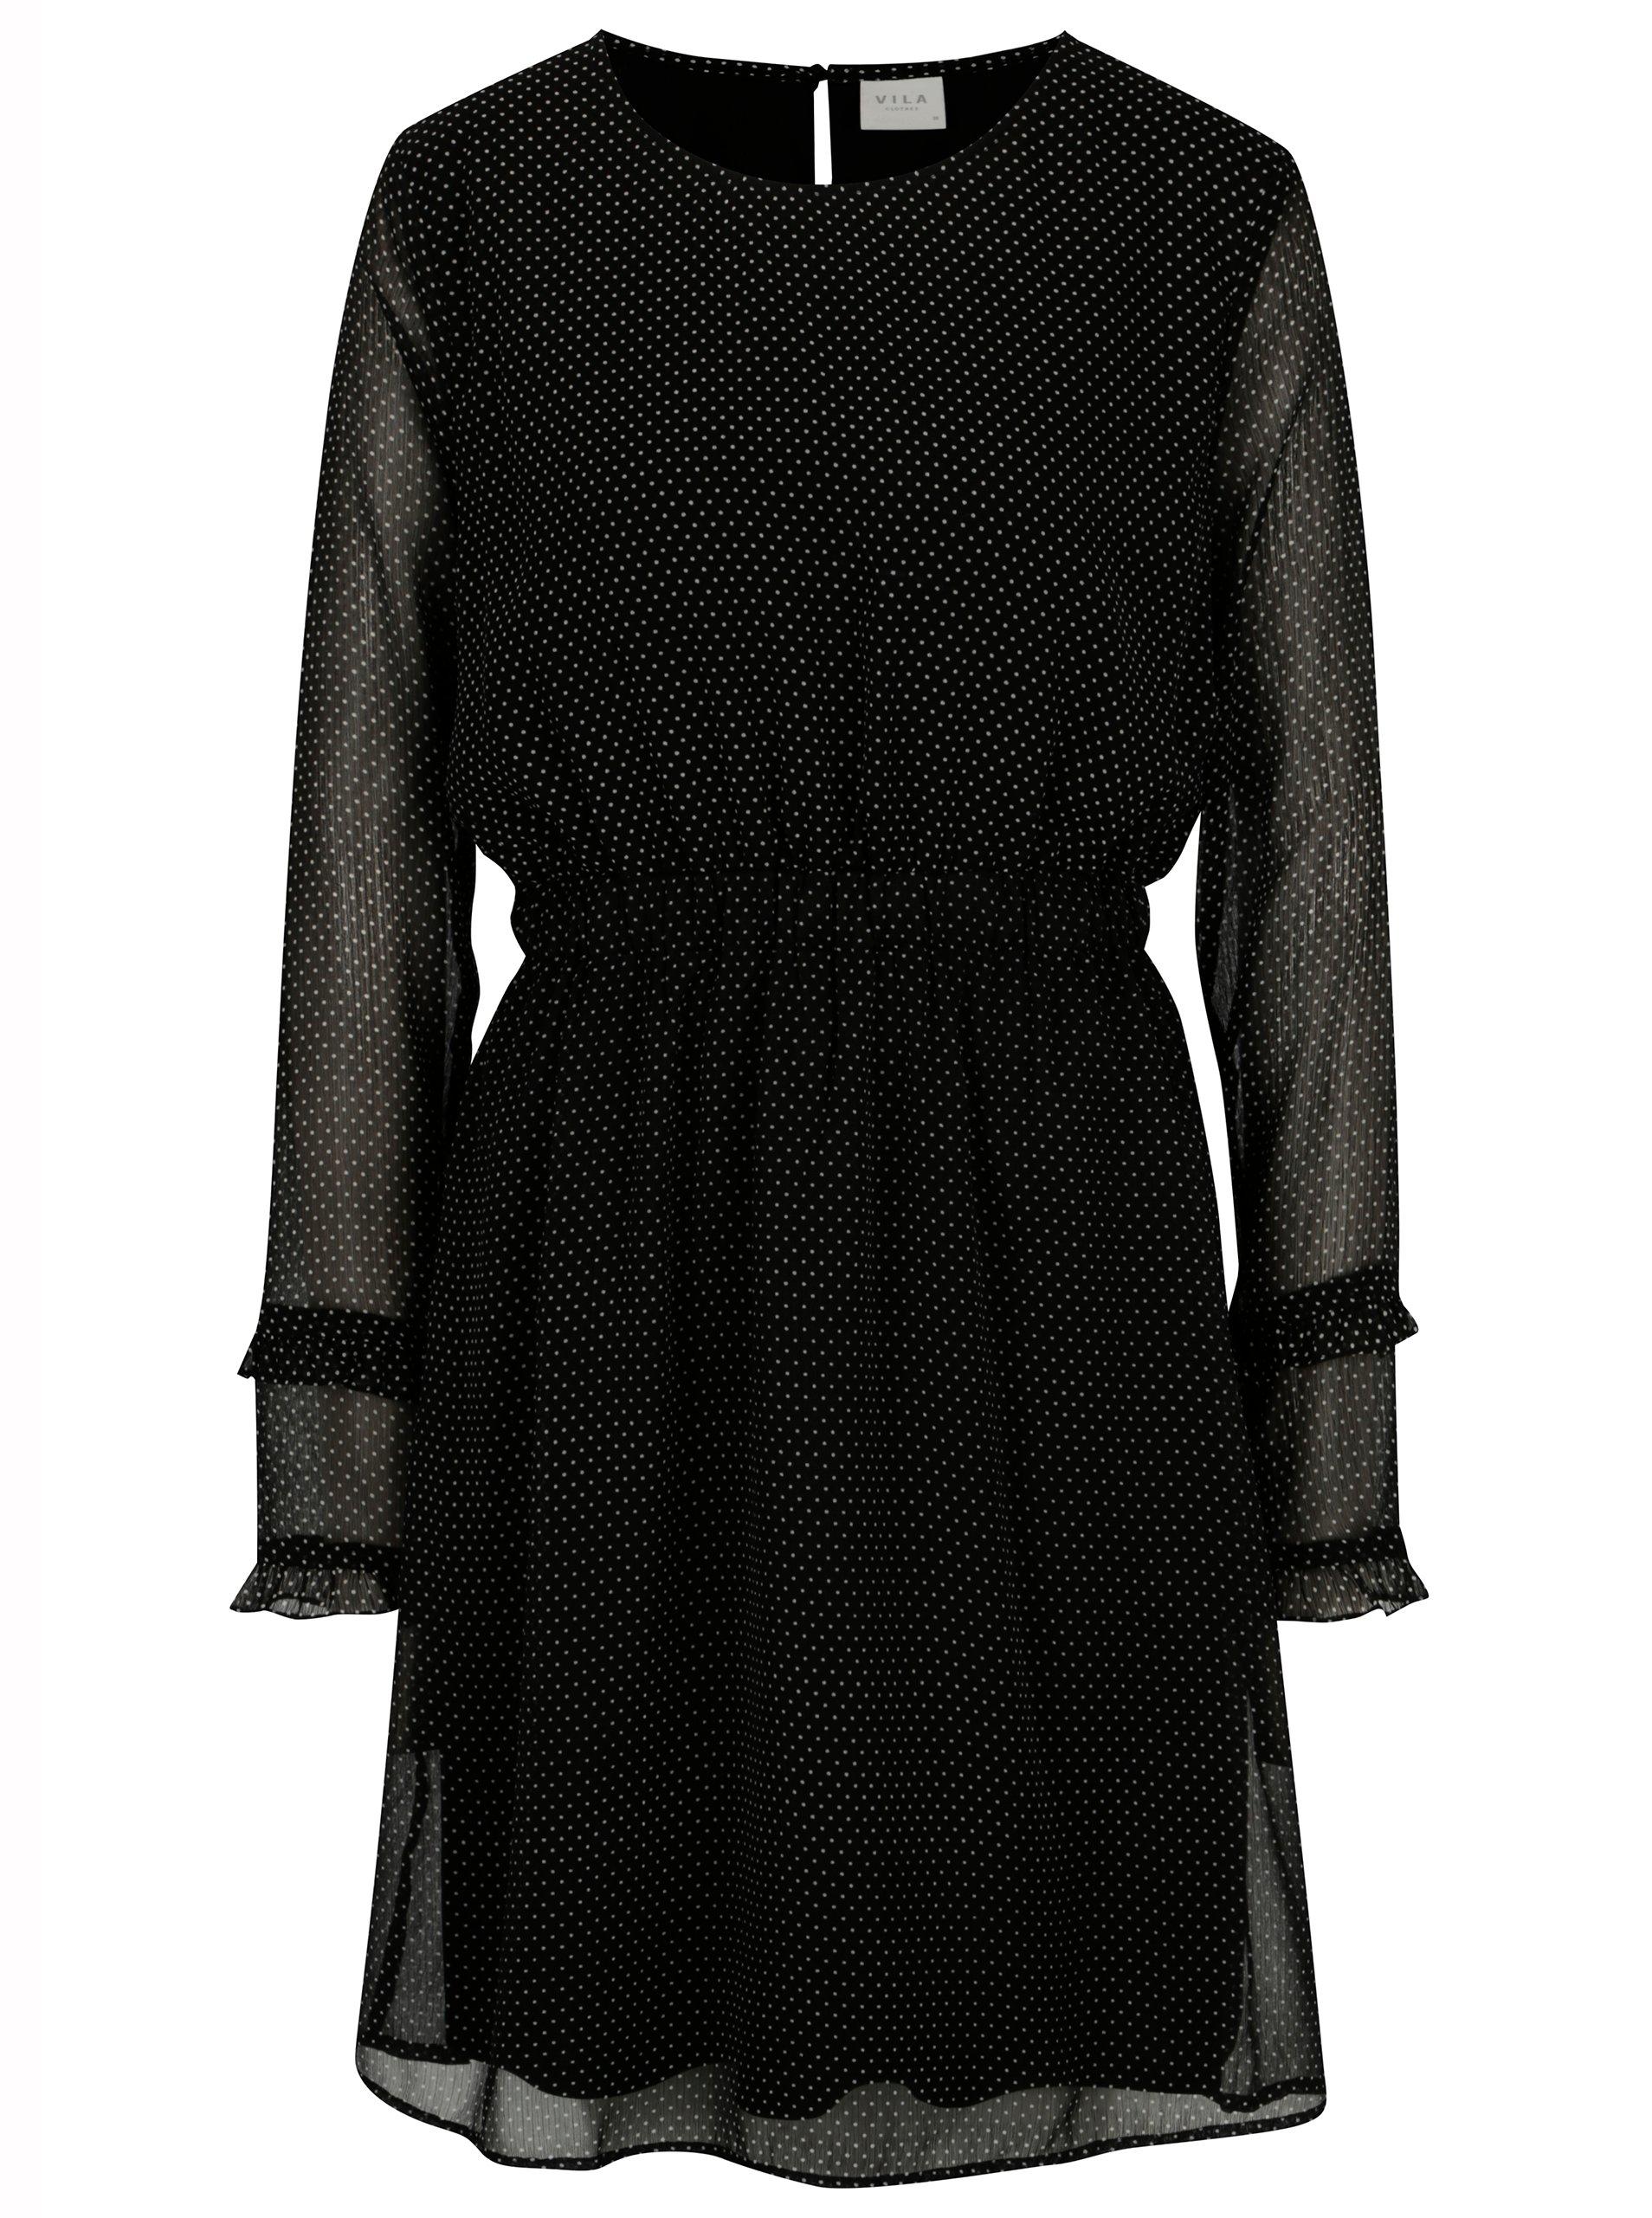 Černé puntíkované šaty s dlouhým rukávem VILA Dotly